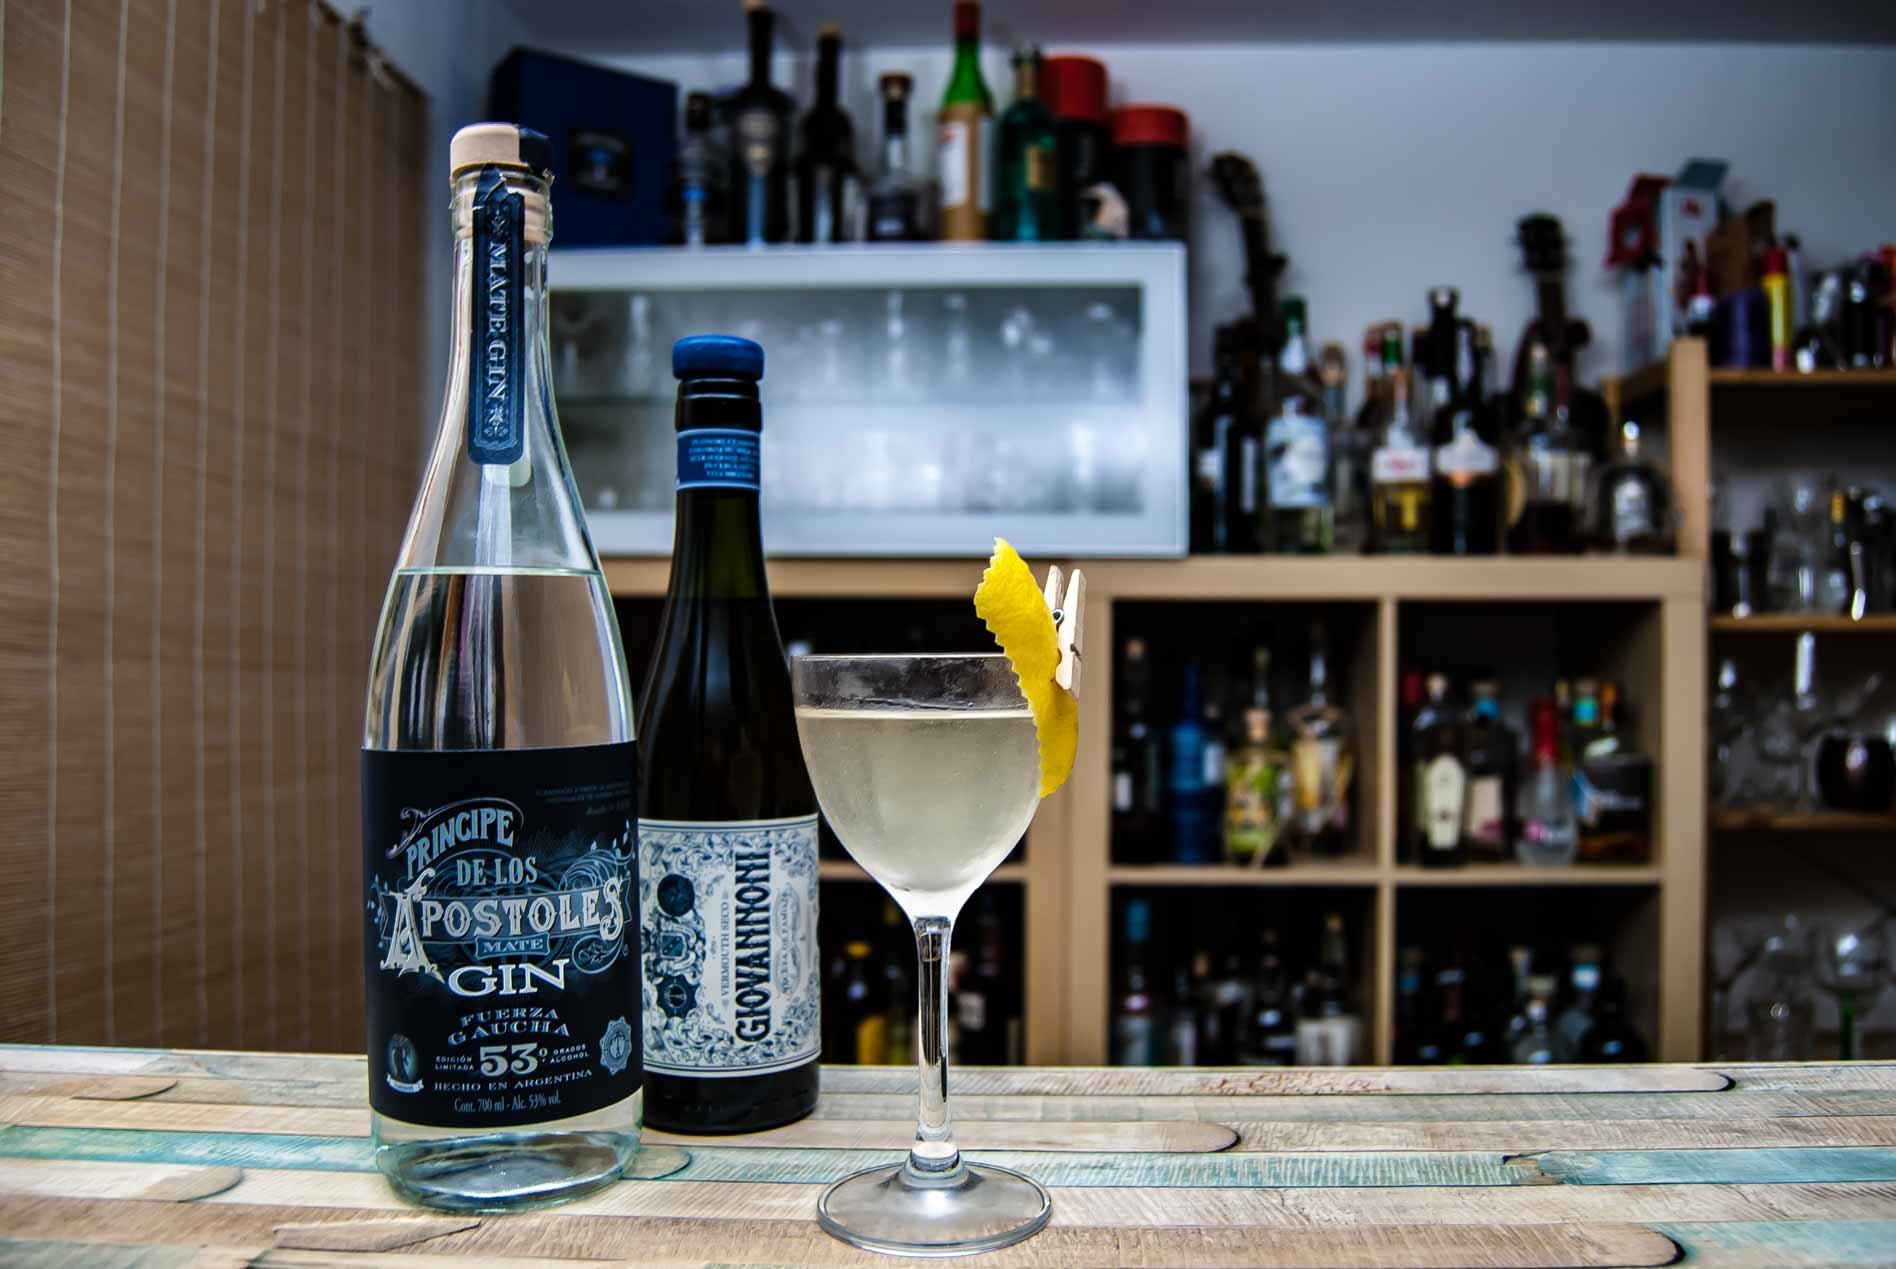 Príncipe de los Apóstoles Gin Fuerza Gaucha in einem Martini mit dem Giovanonni Vermouth aus gleichem Hause.